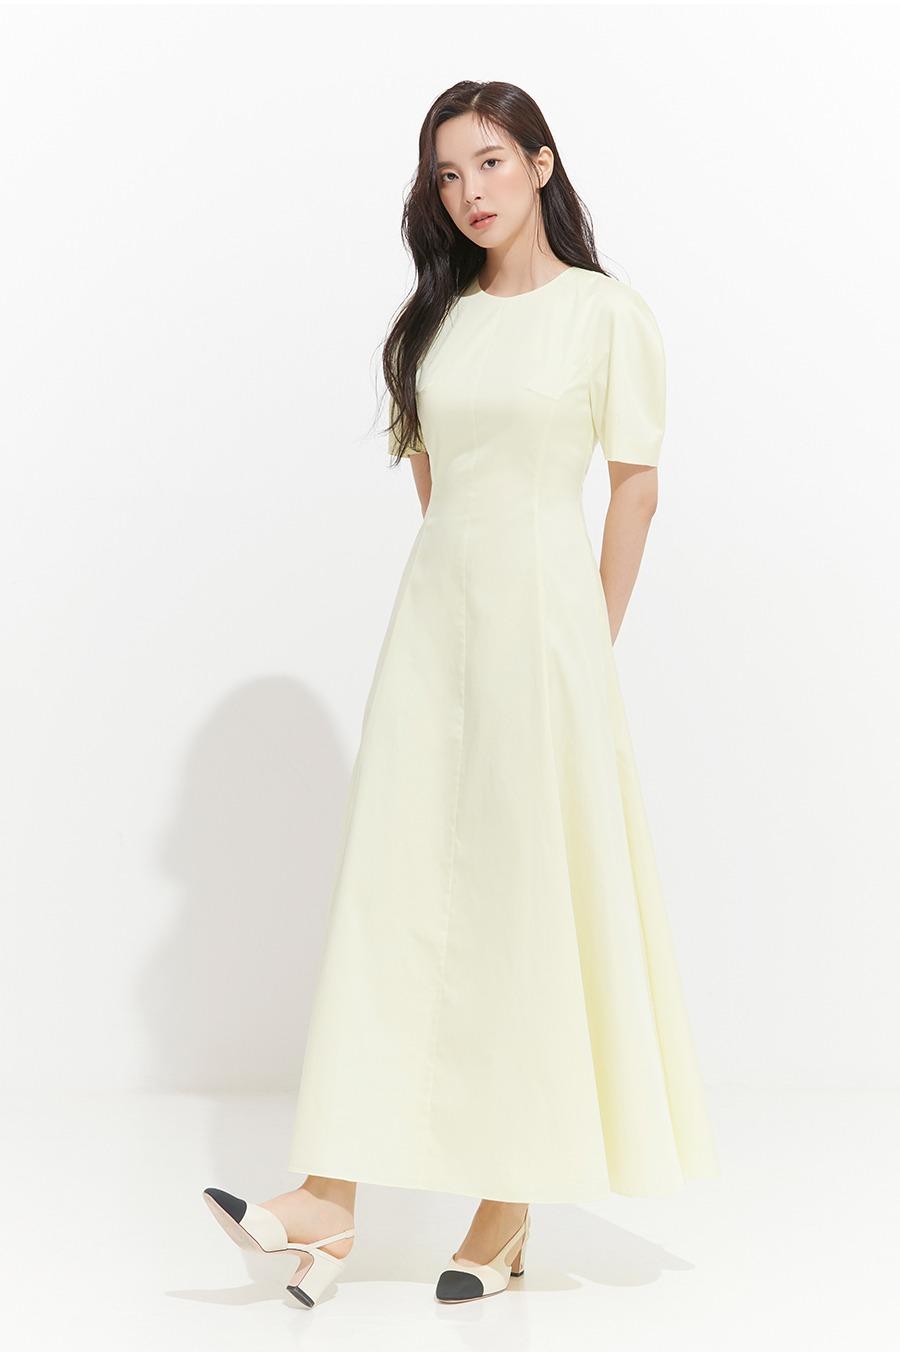 NO.8 DRESS - LEMON